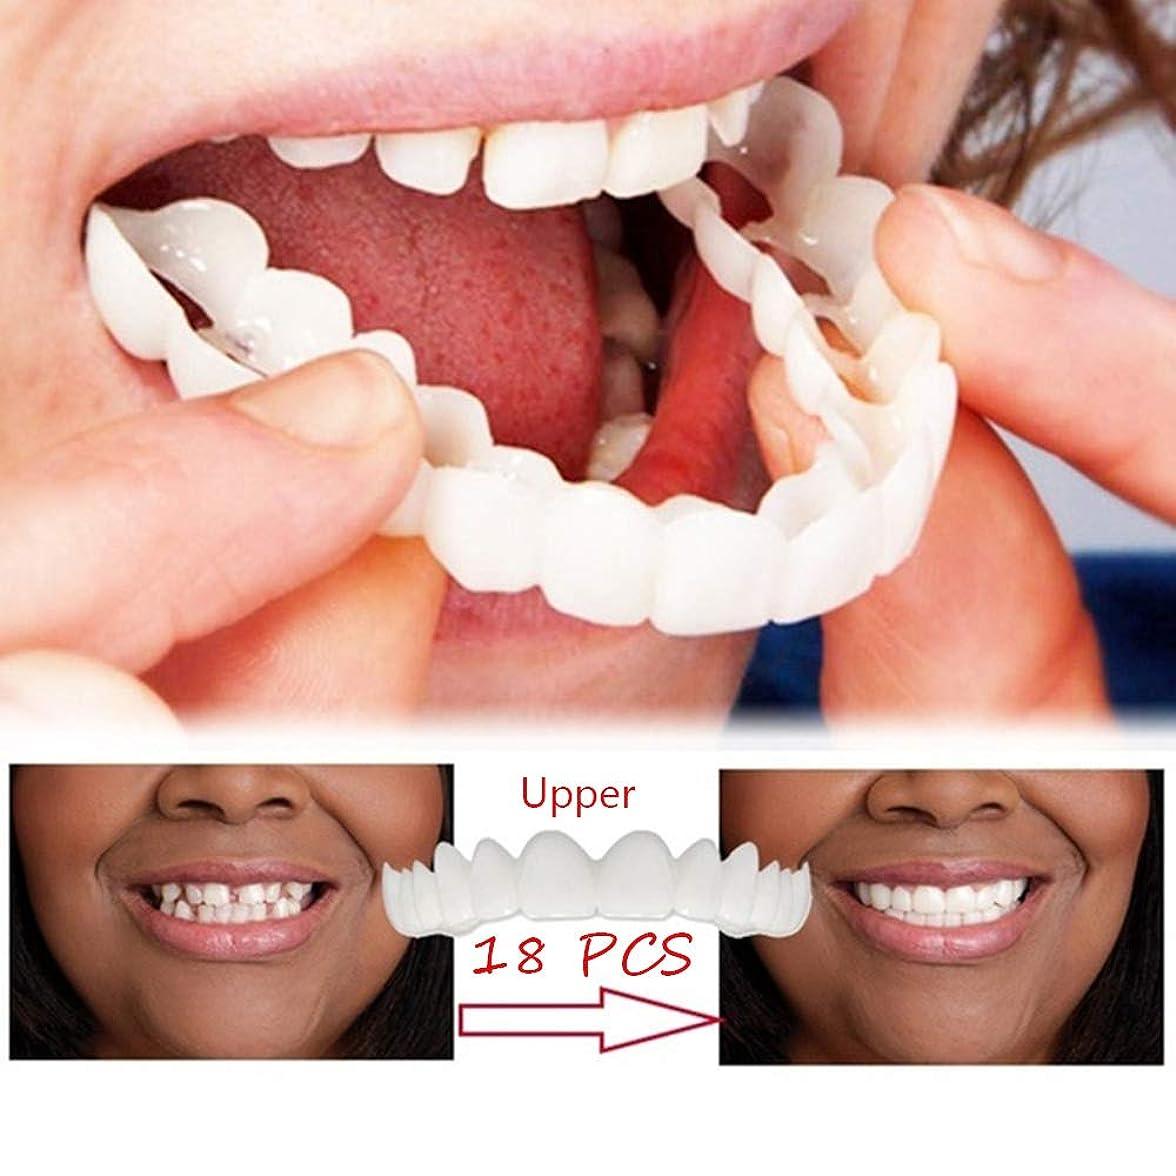 肺古代シマウマ快適なベニヤ化粧品歯一時的な笑顔ホワイトニング歯シリコーン歯シミュレーションブレース上列完璧な顔補正歯口腔上部義歯ケア18ピース